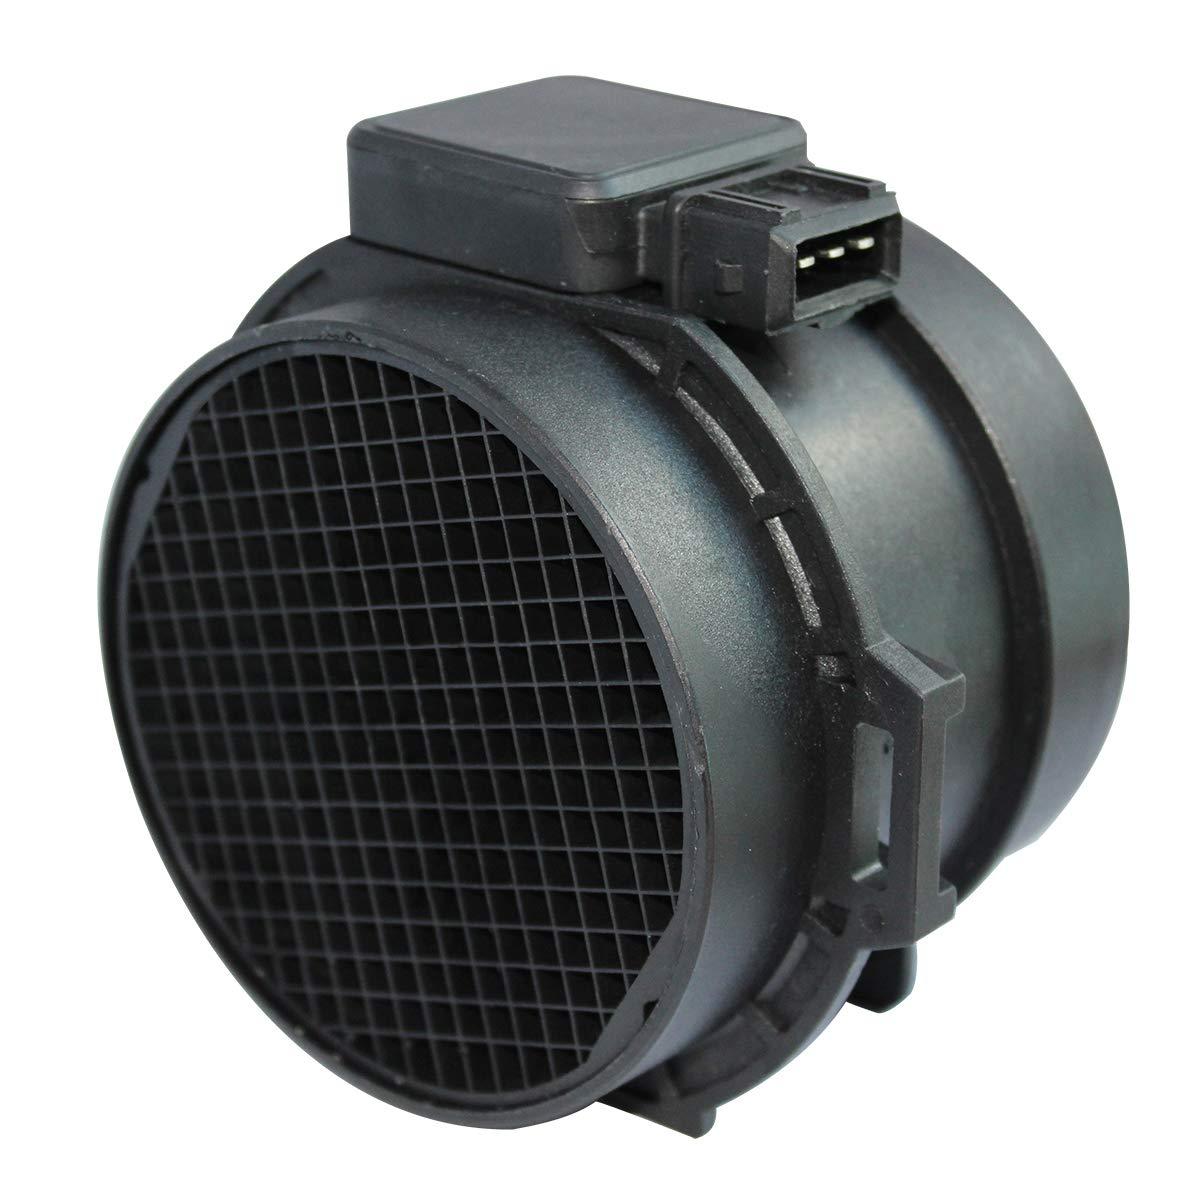 Mass Air Flow Sensor Compatible for 01-06 BMW X5 & 01-03 BMW 330Ci 330i 530i & 01-05 BMW 330xi & 01-02 BMW Z3